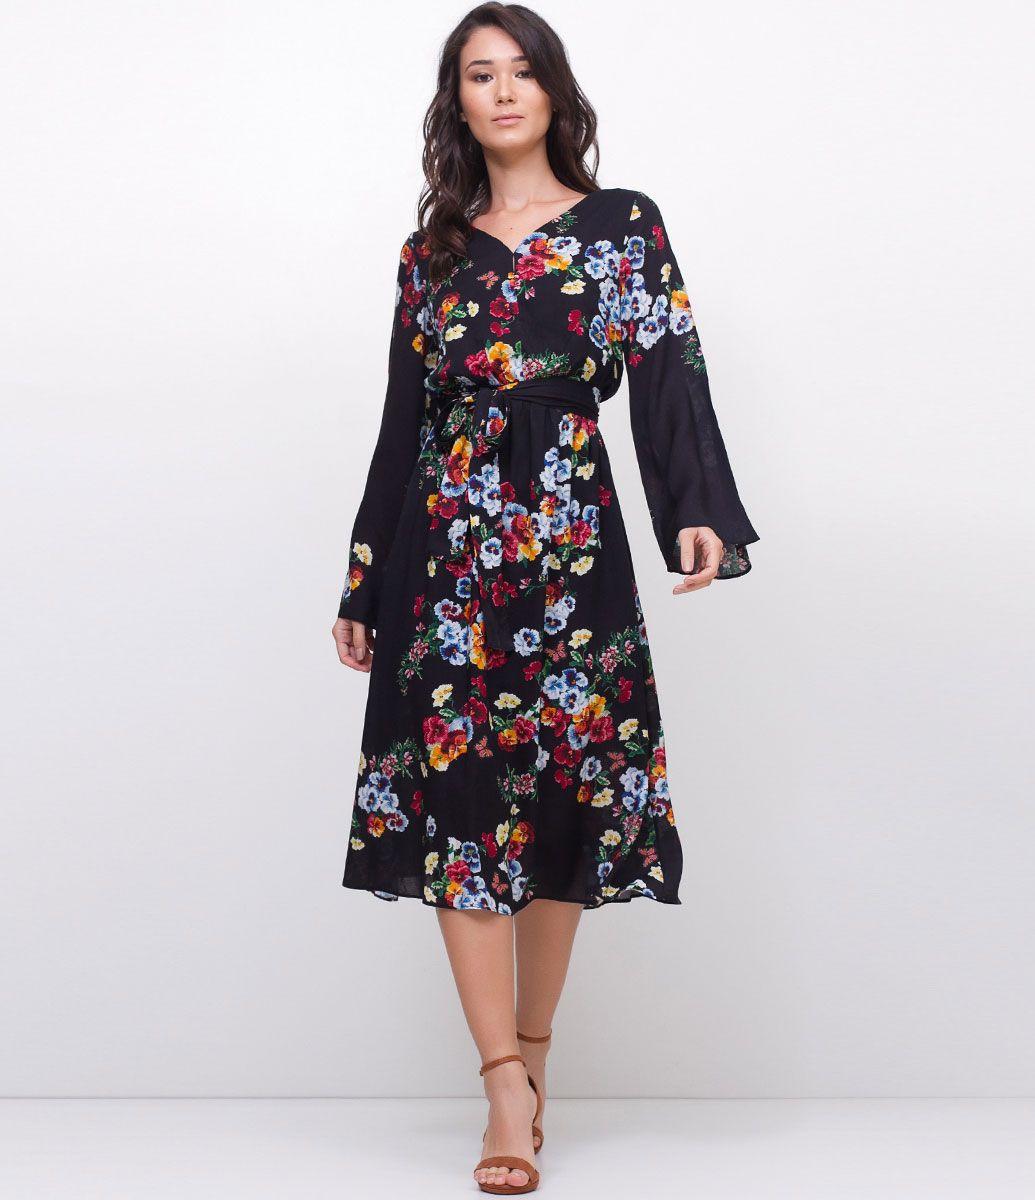 84efe50d7a Vestido feminino Manga longa Amarração na cintura Estampa floral Marca   Marfinno Tecido  viscose Composição